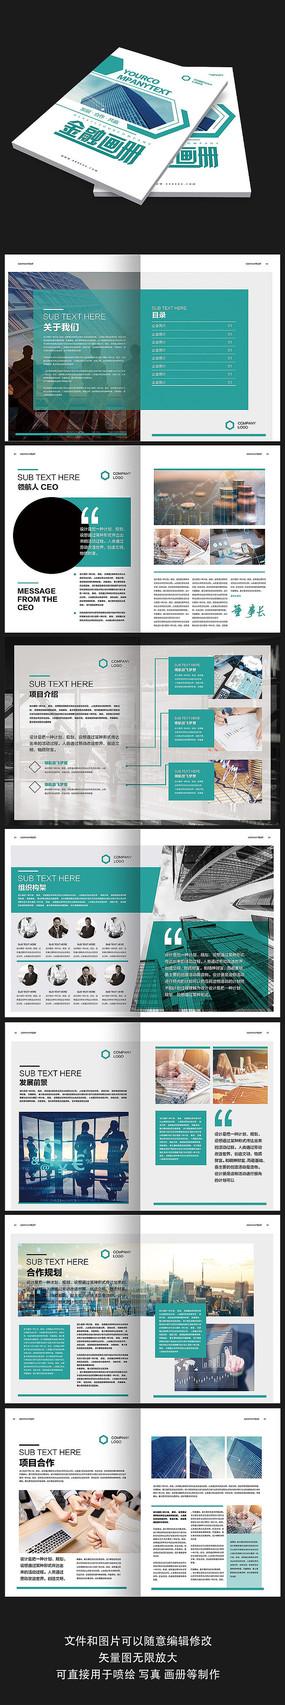 金融企业画册设计模板